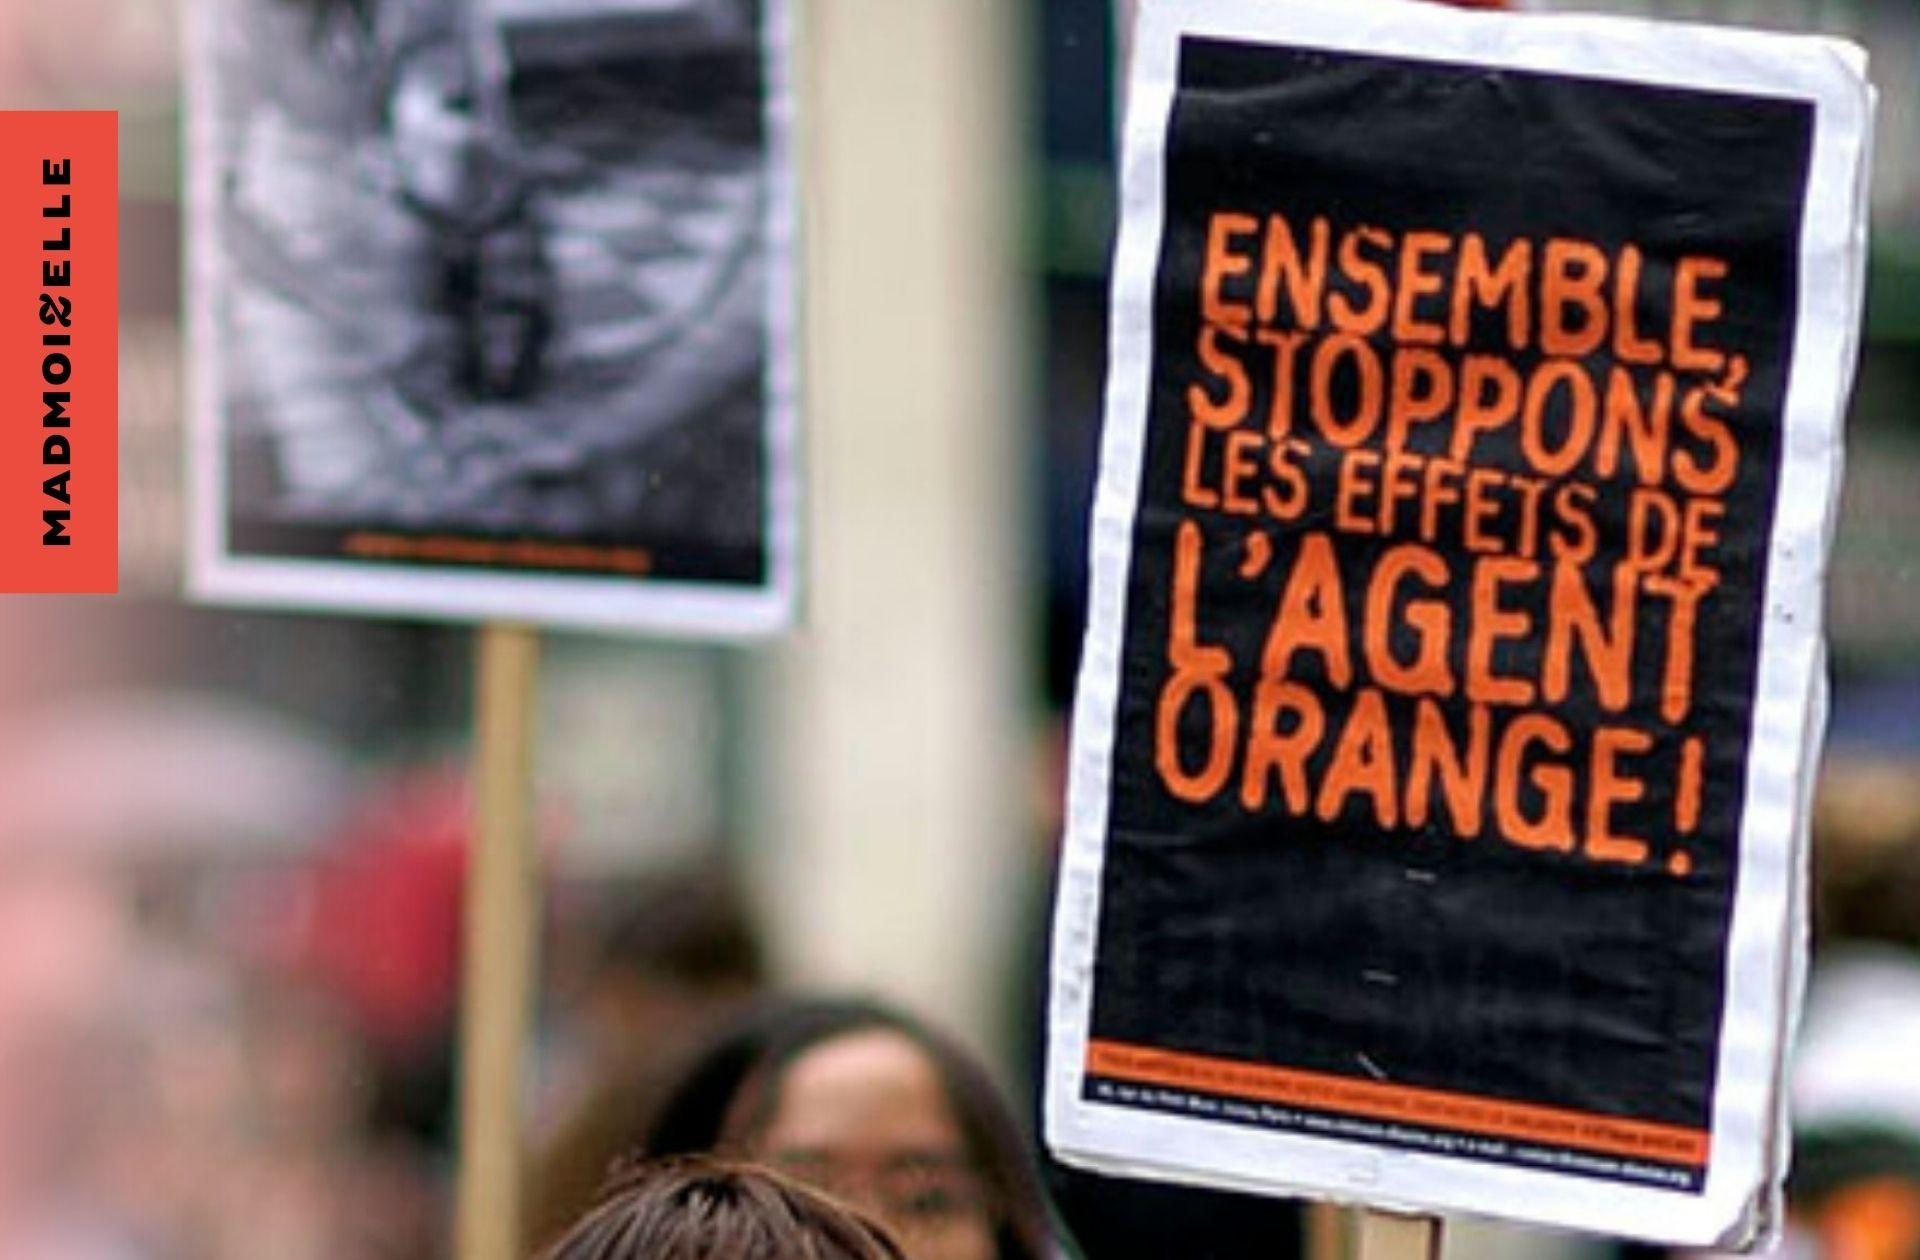 Après le rejet de son action, la militante Tran To Nga poursuit son combat pour les victimes de l'agent orange